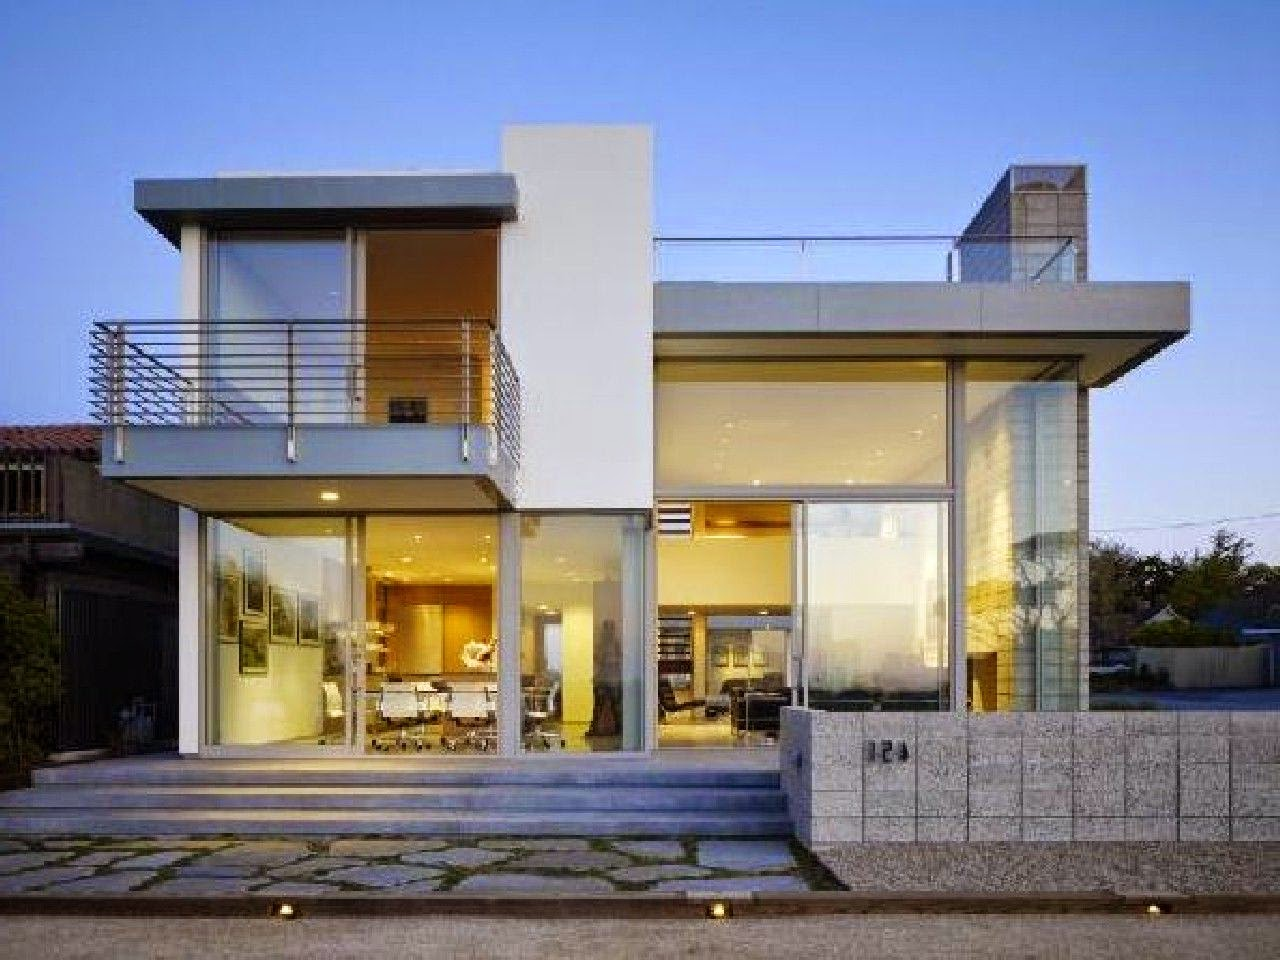 Desain Rumah Minimalis 2 Lantai